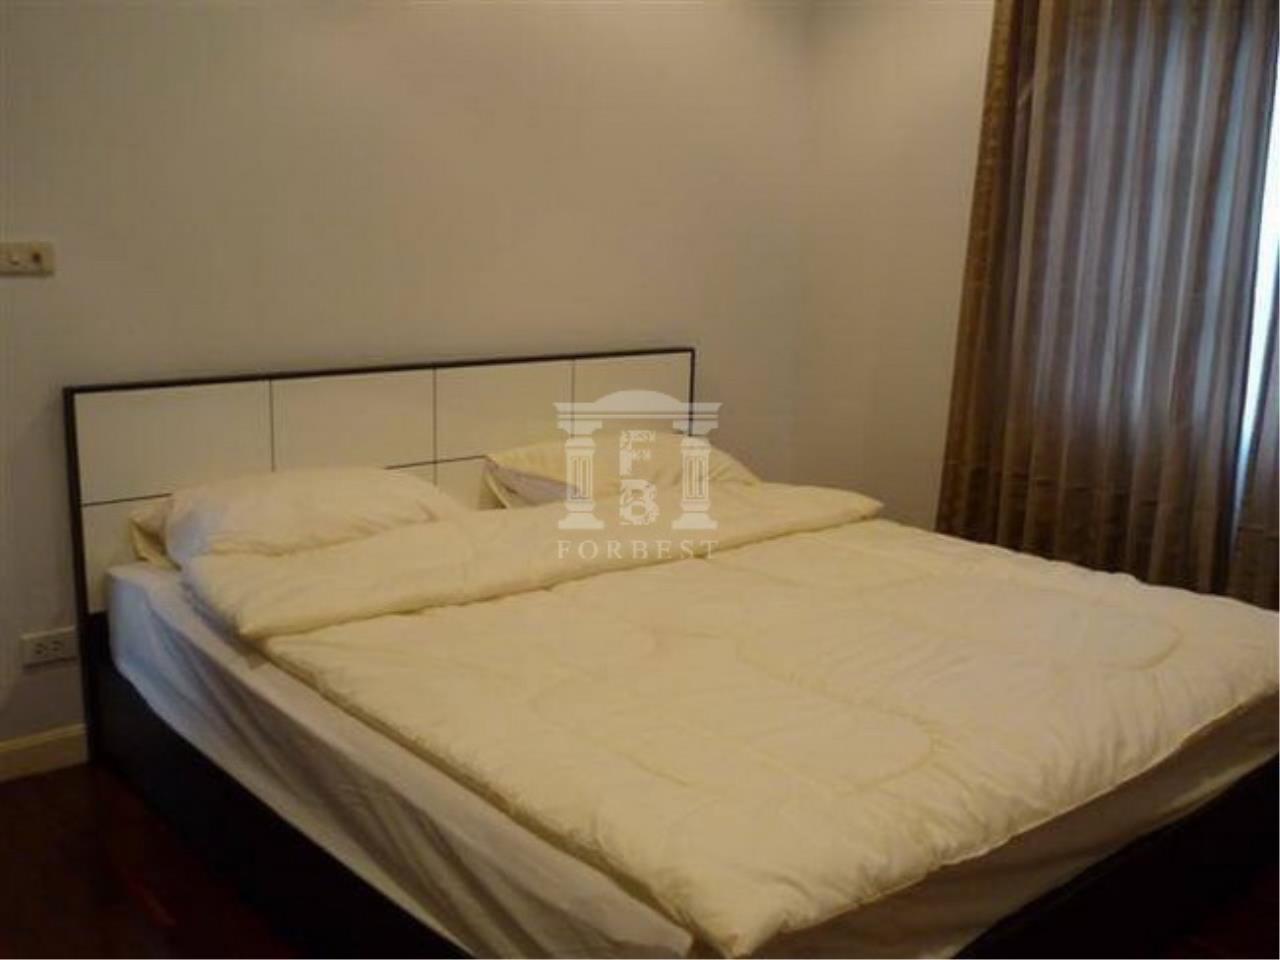 37729 - House for Rent, Prachachuen Rd. 80 sq.w.